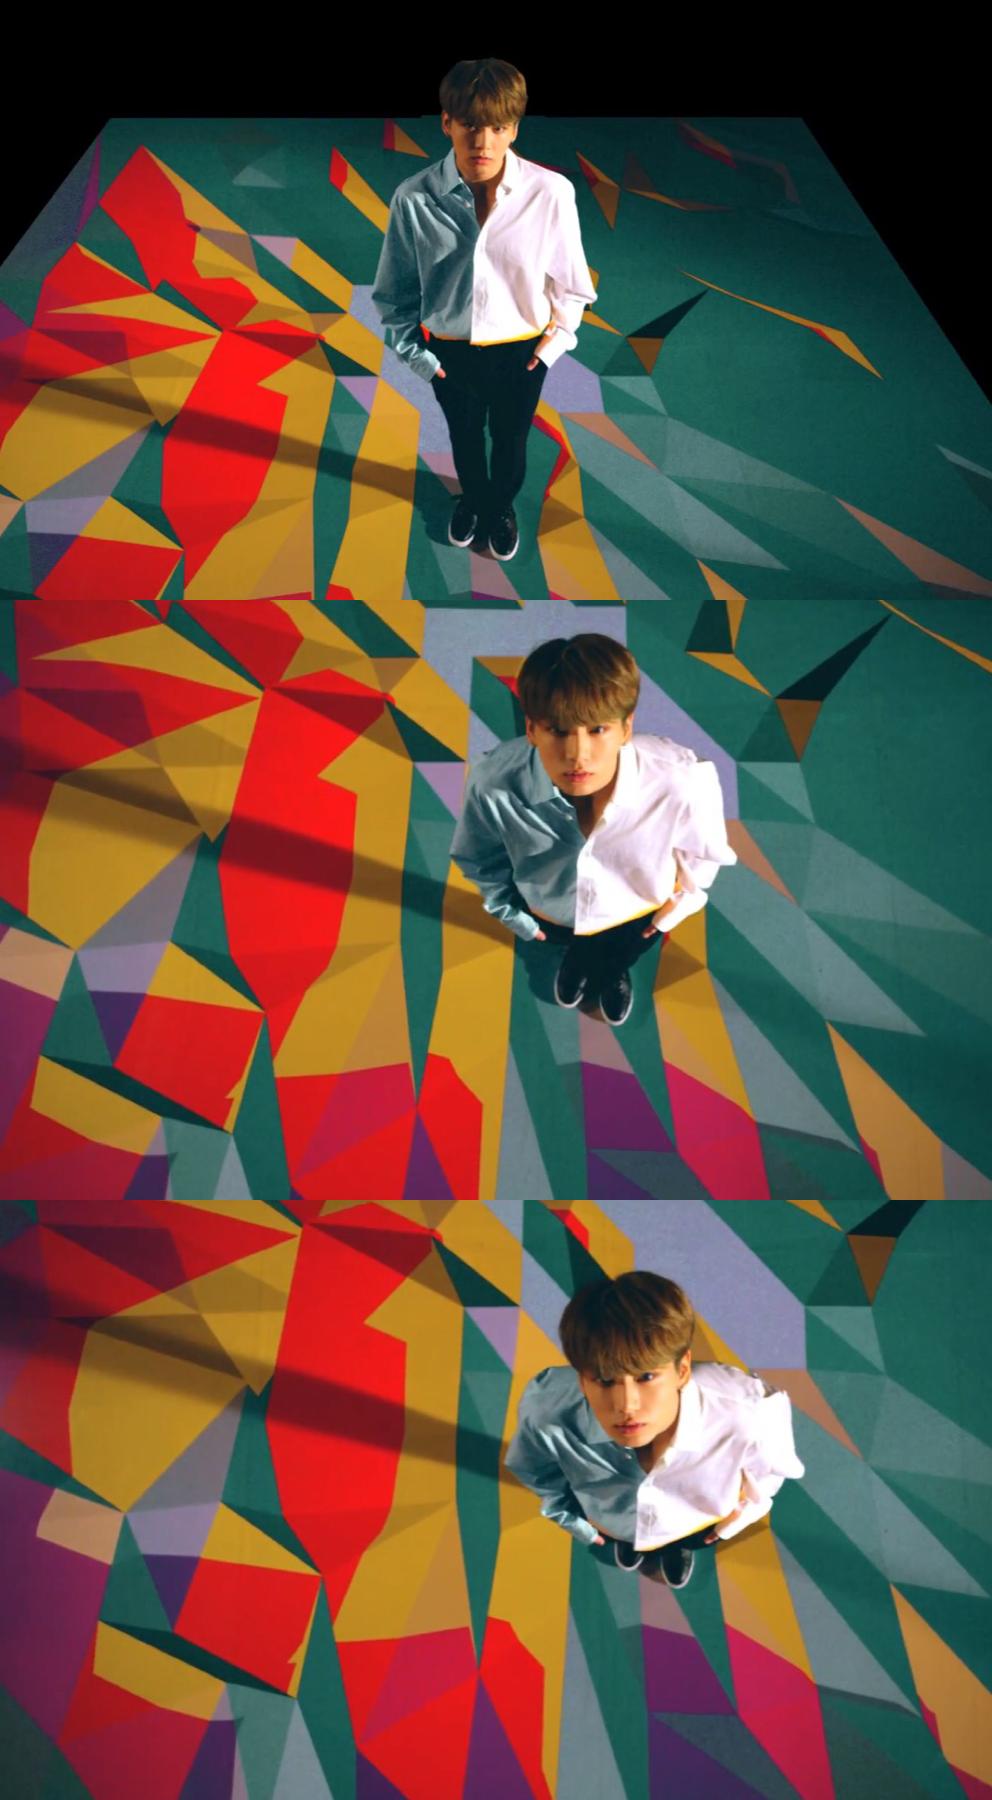 BTS JUNGKOOK DNA WALLPAPER | BTS WALLPAPER | Pinterest | Bts …